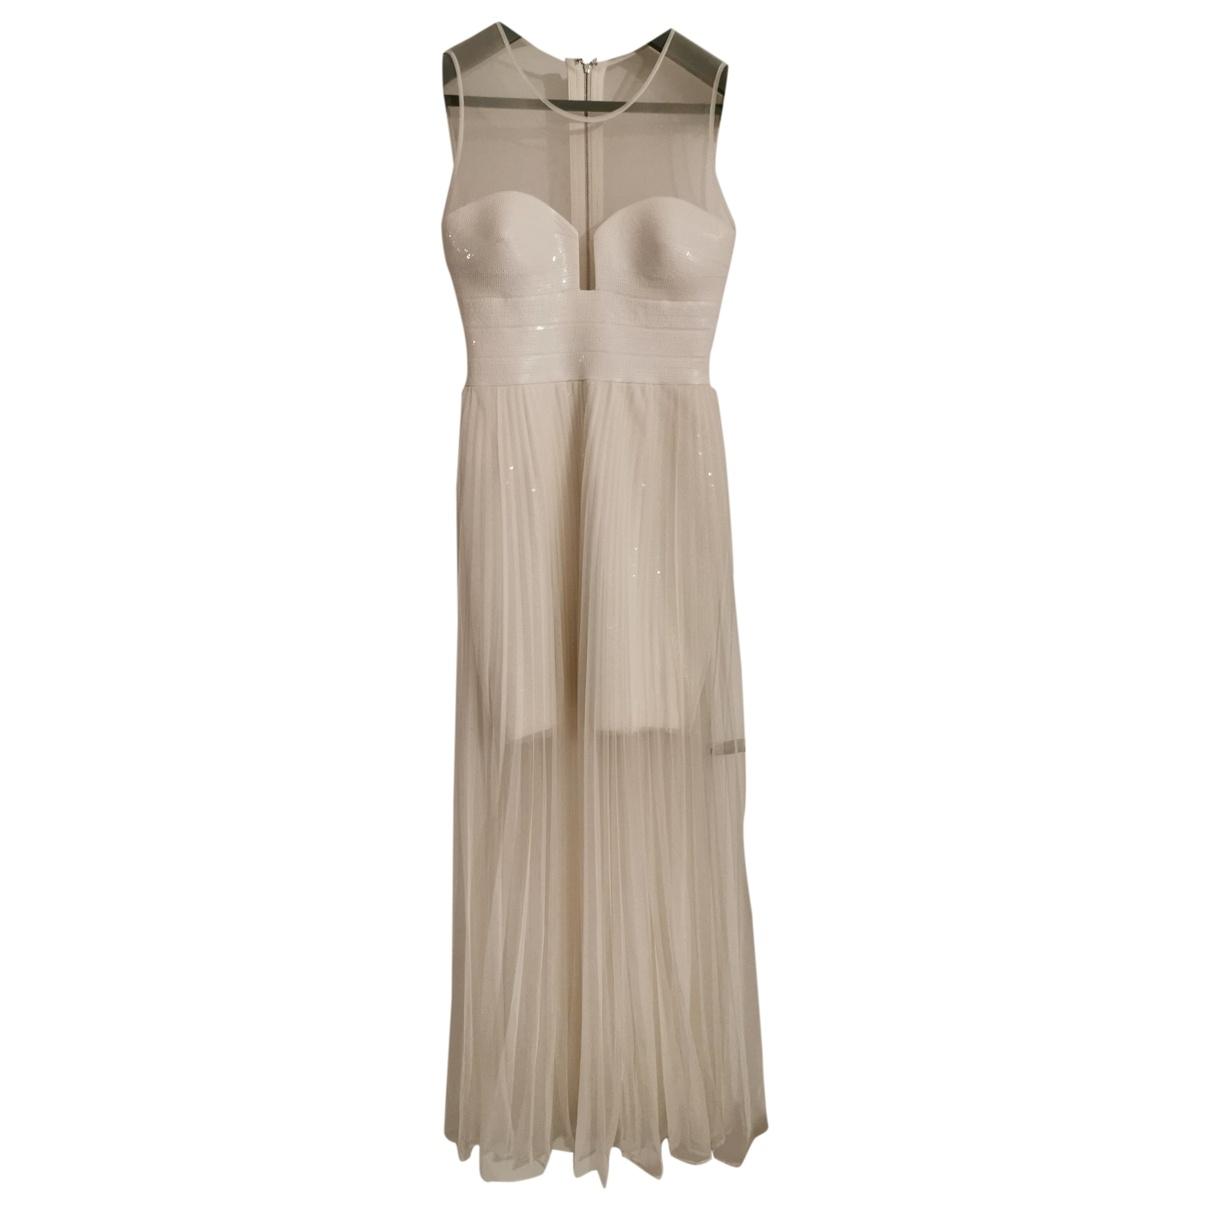 Bcbg Max Azria - Robe   pour femme en a paillettes - blanc